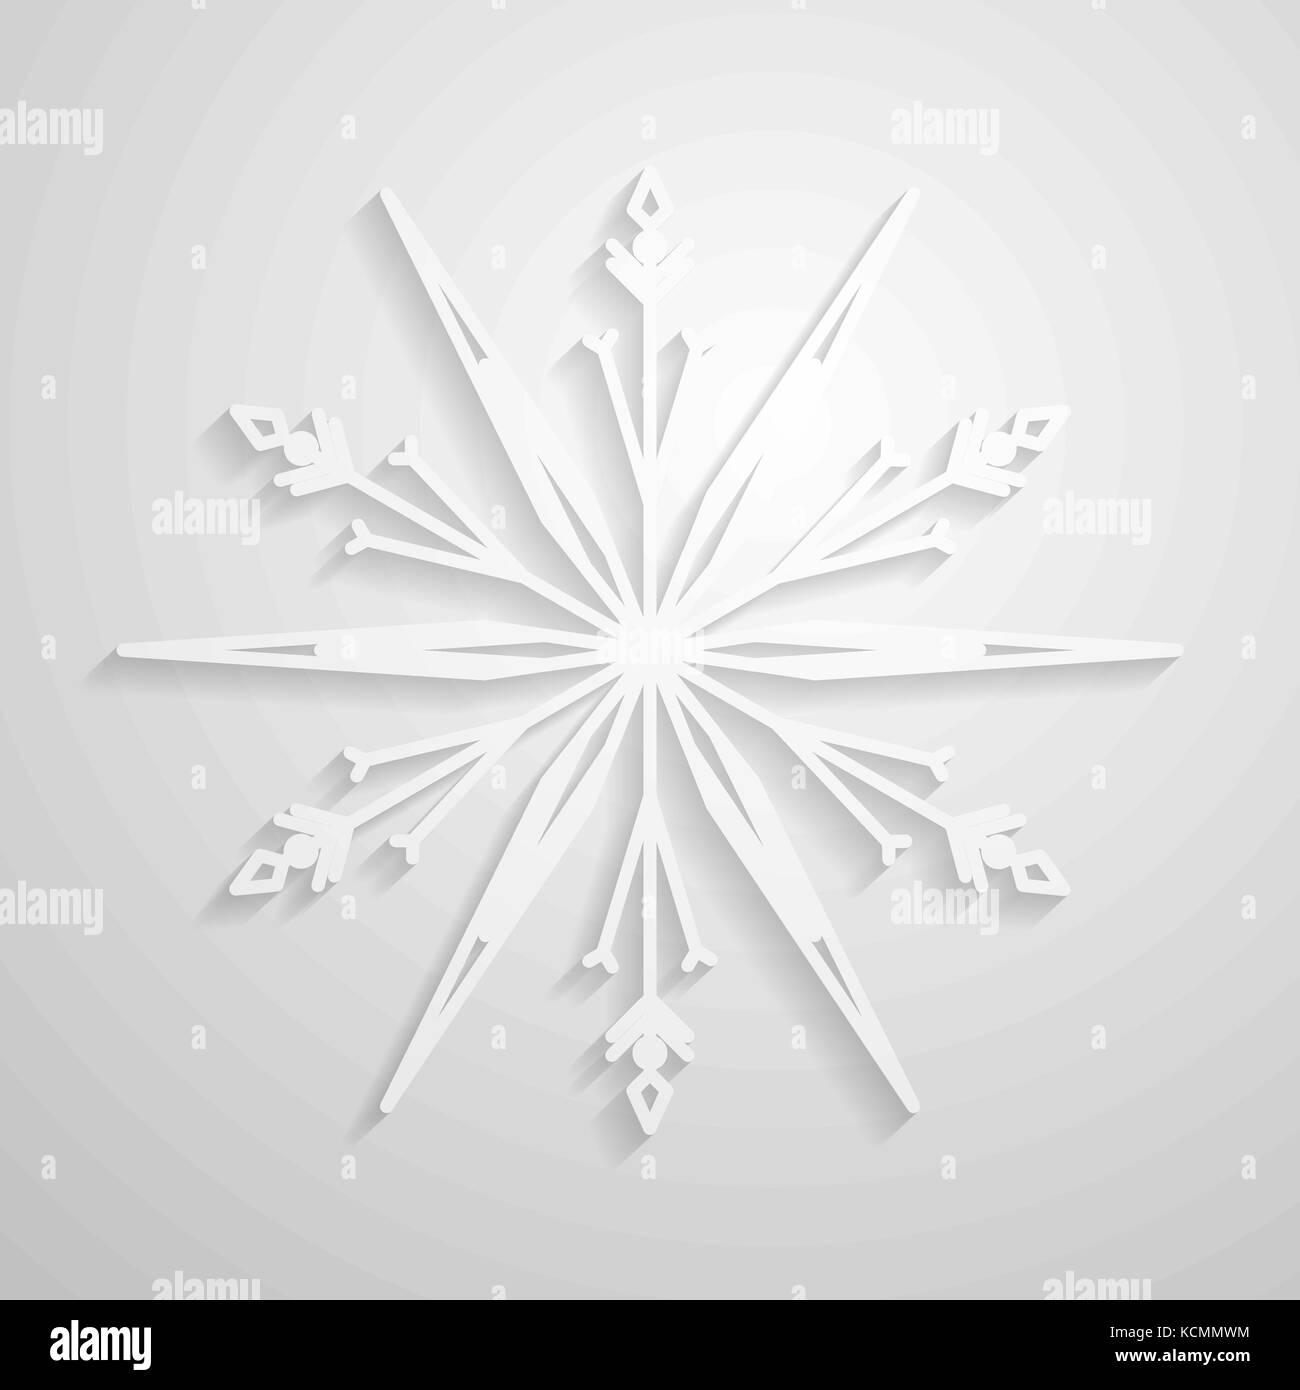 Vektor Schneeflocke Papier Schneeflocken Design Minimalistische